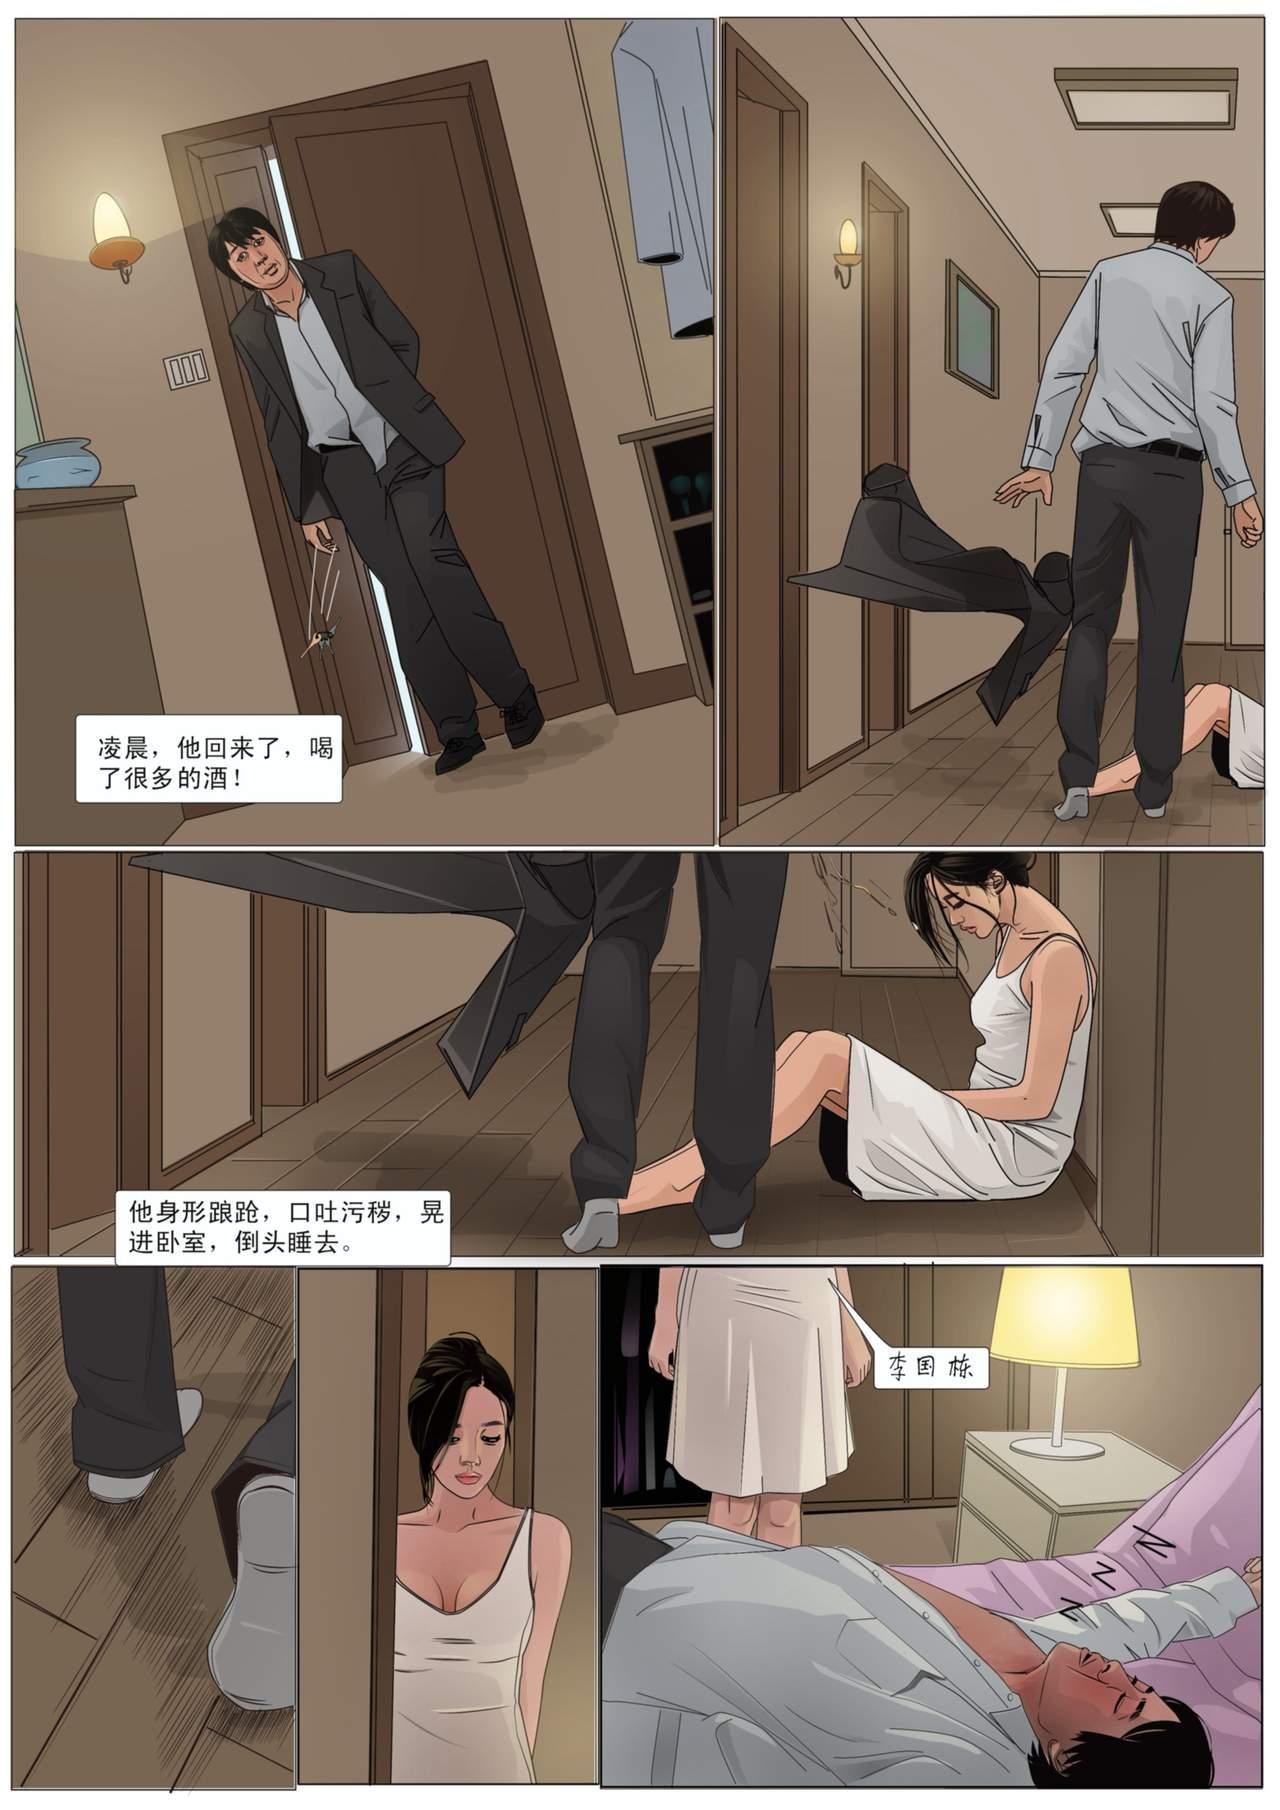 [枫语]Three Female Prisoners 3 [Chinese]中文 8